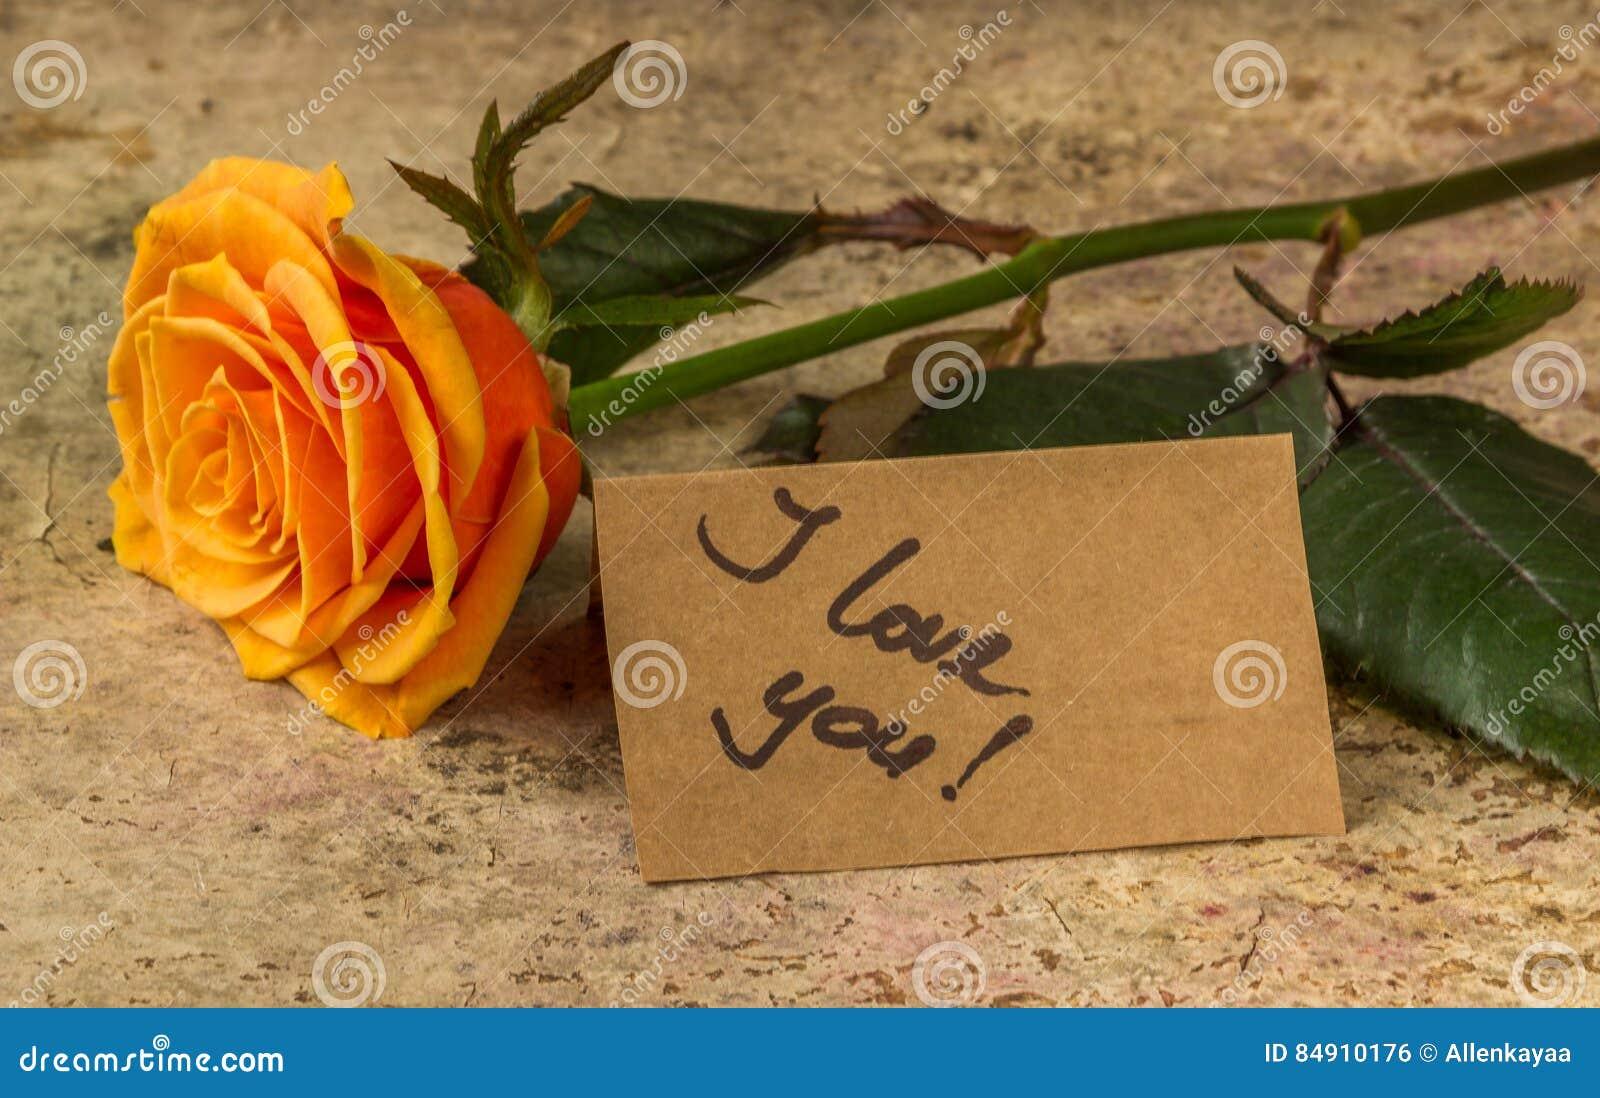 Arancia rosa e nota ti amo sulla carta del mestiere